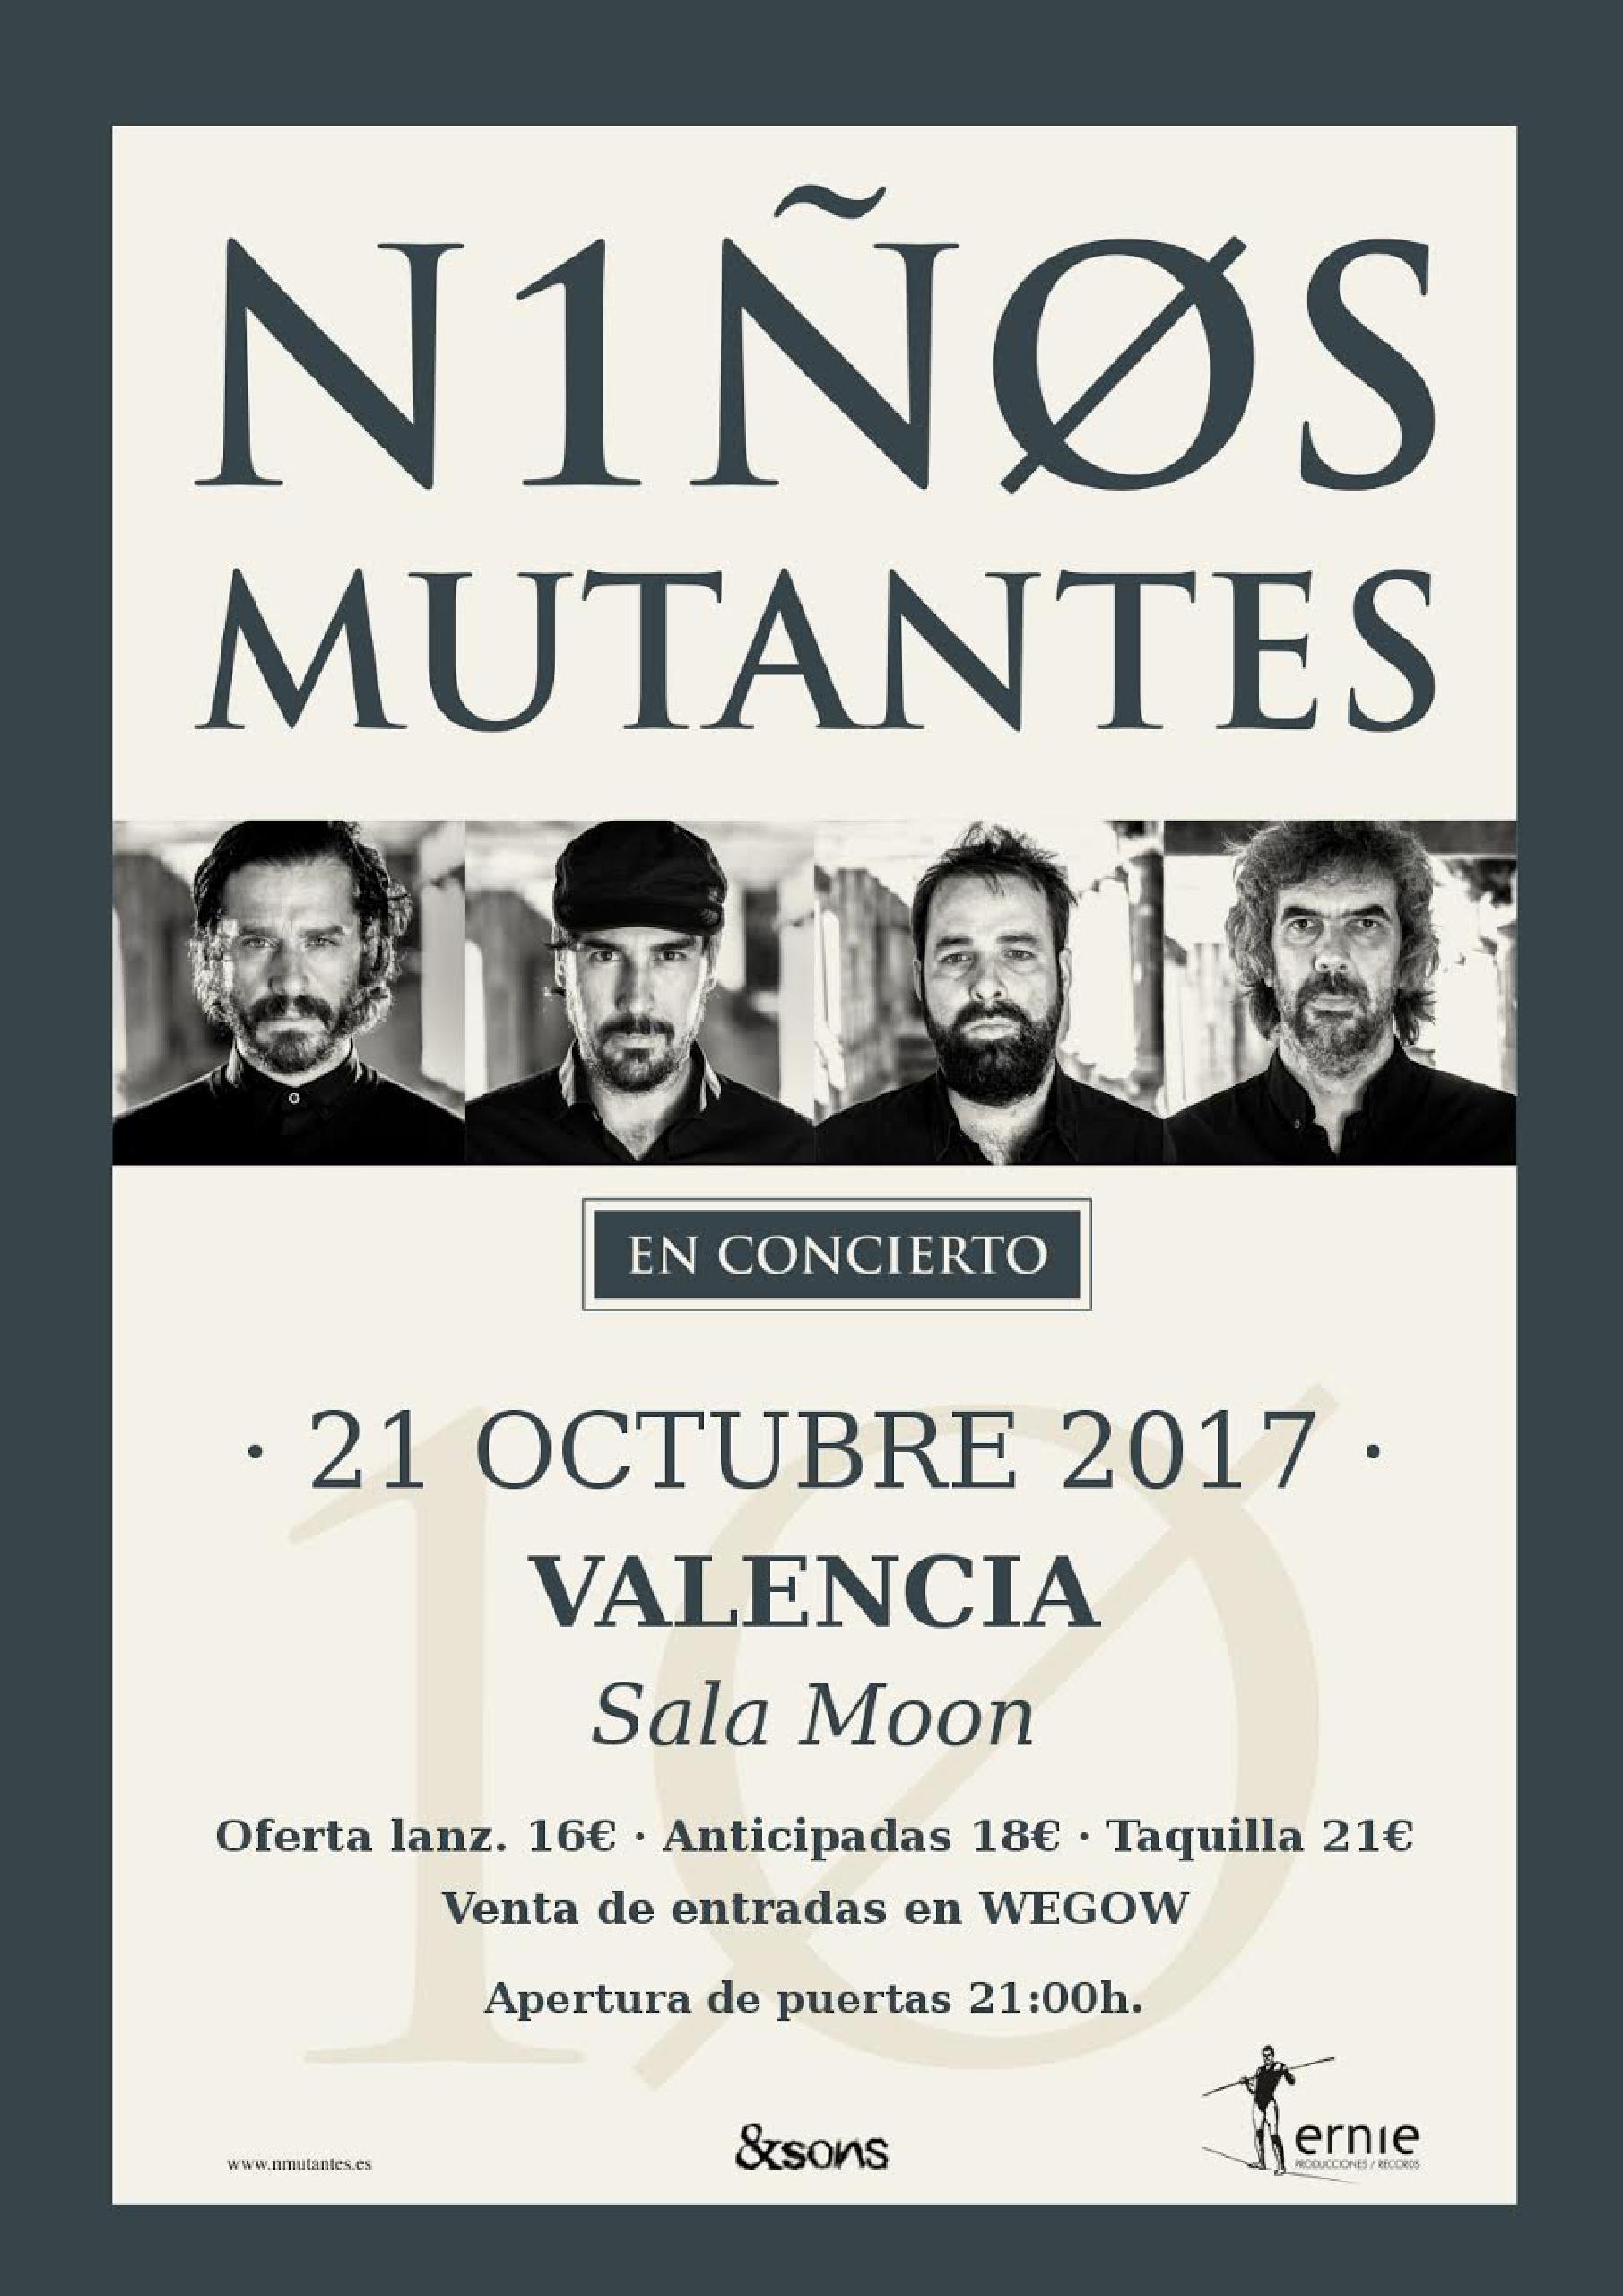 Niños Mutantes en Valencia